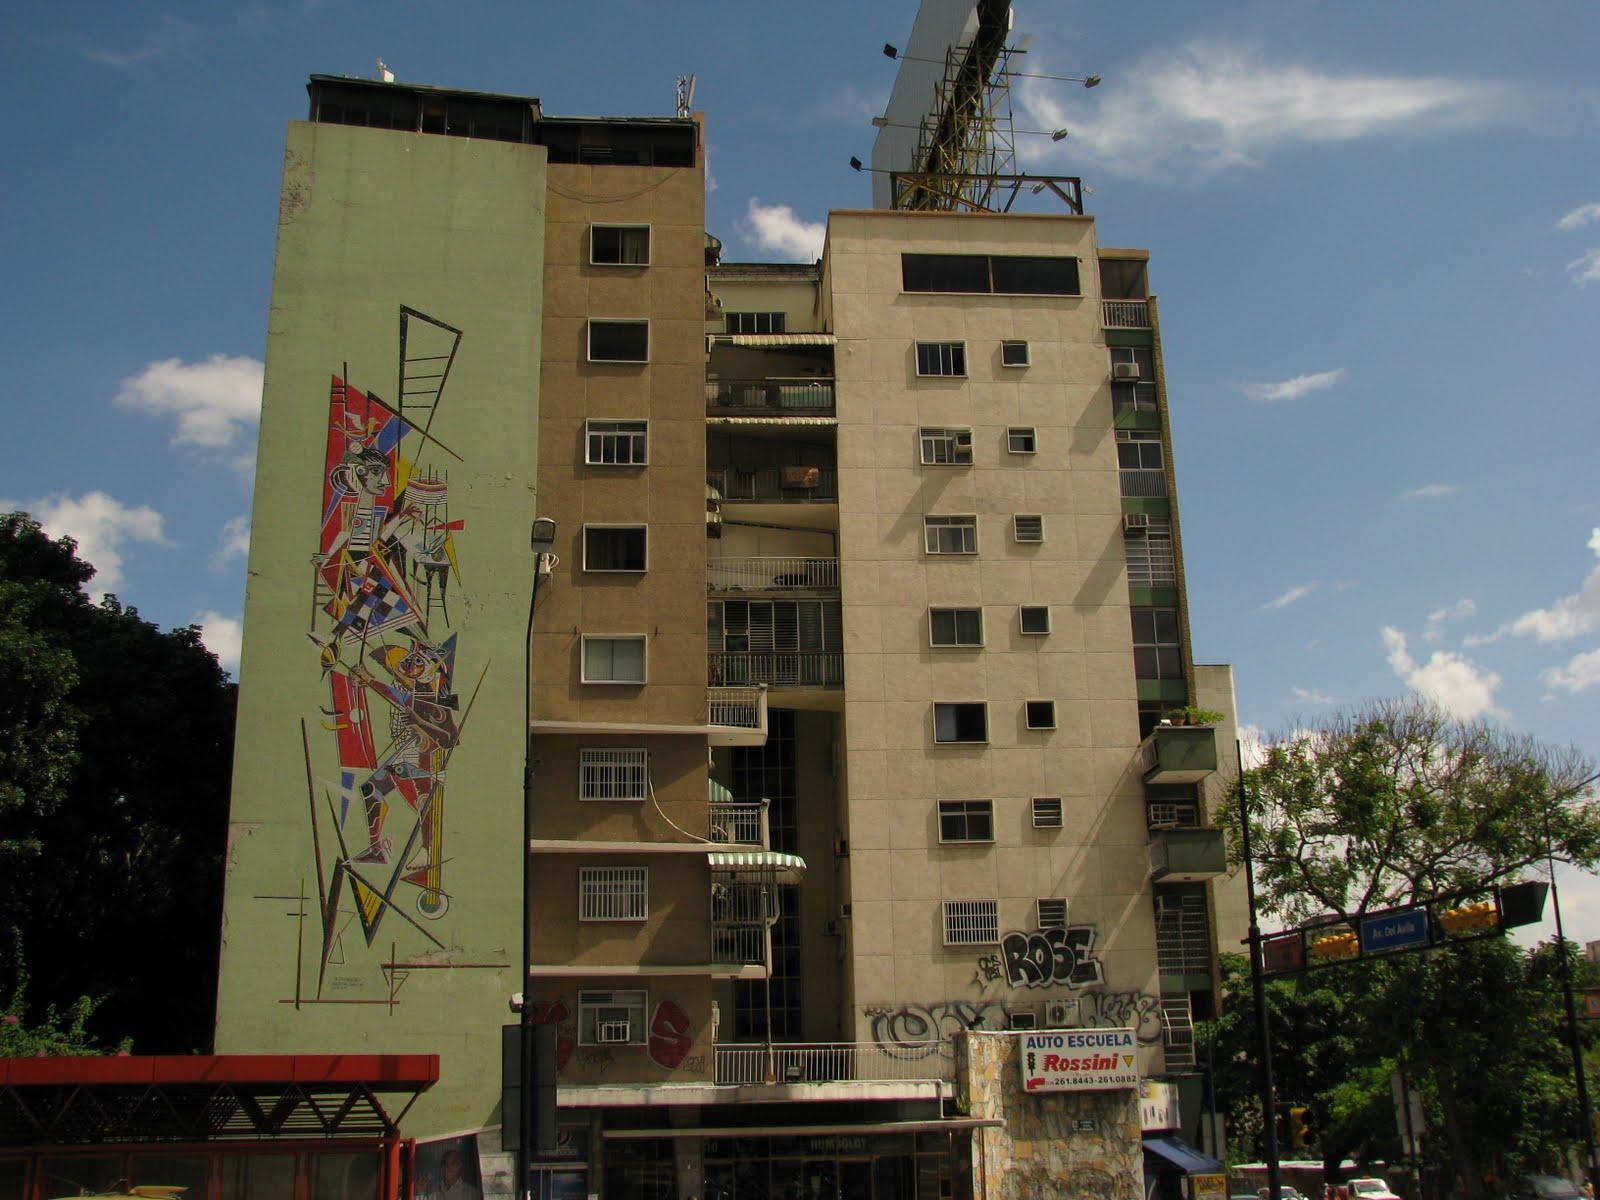 Humboldt Building, Altamira, Caracas